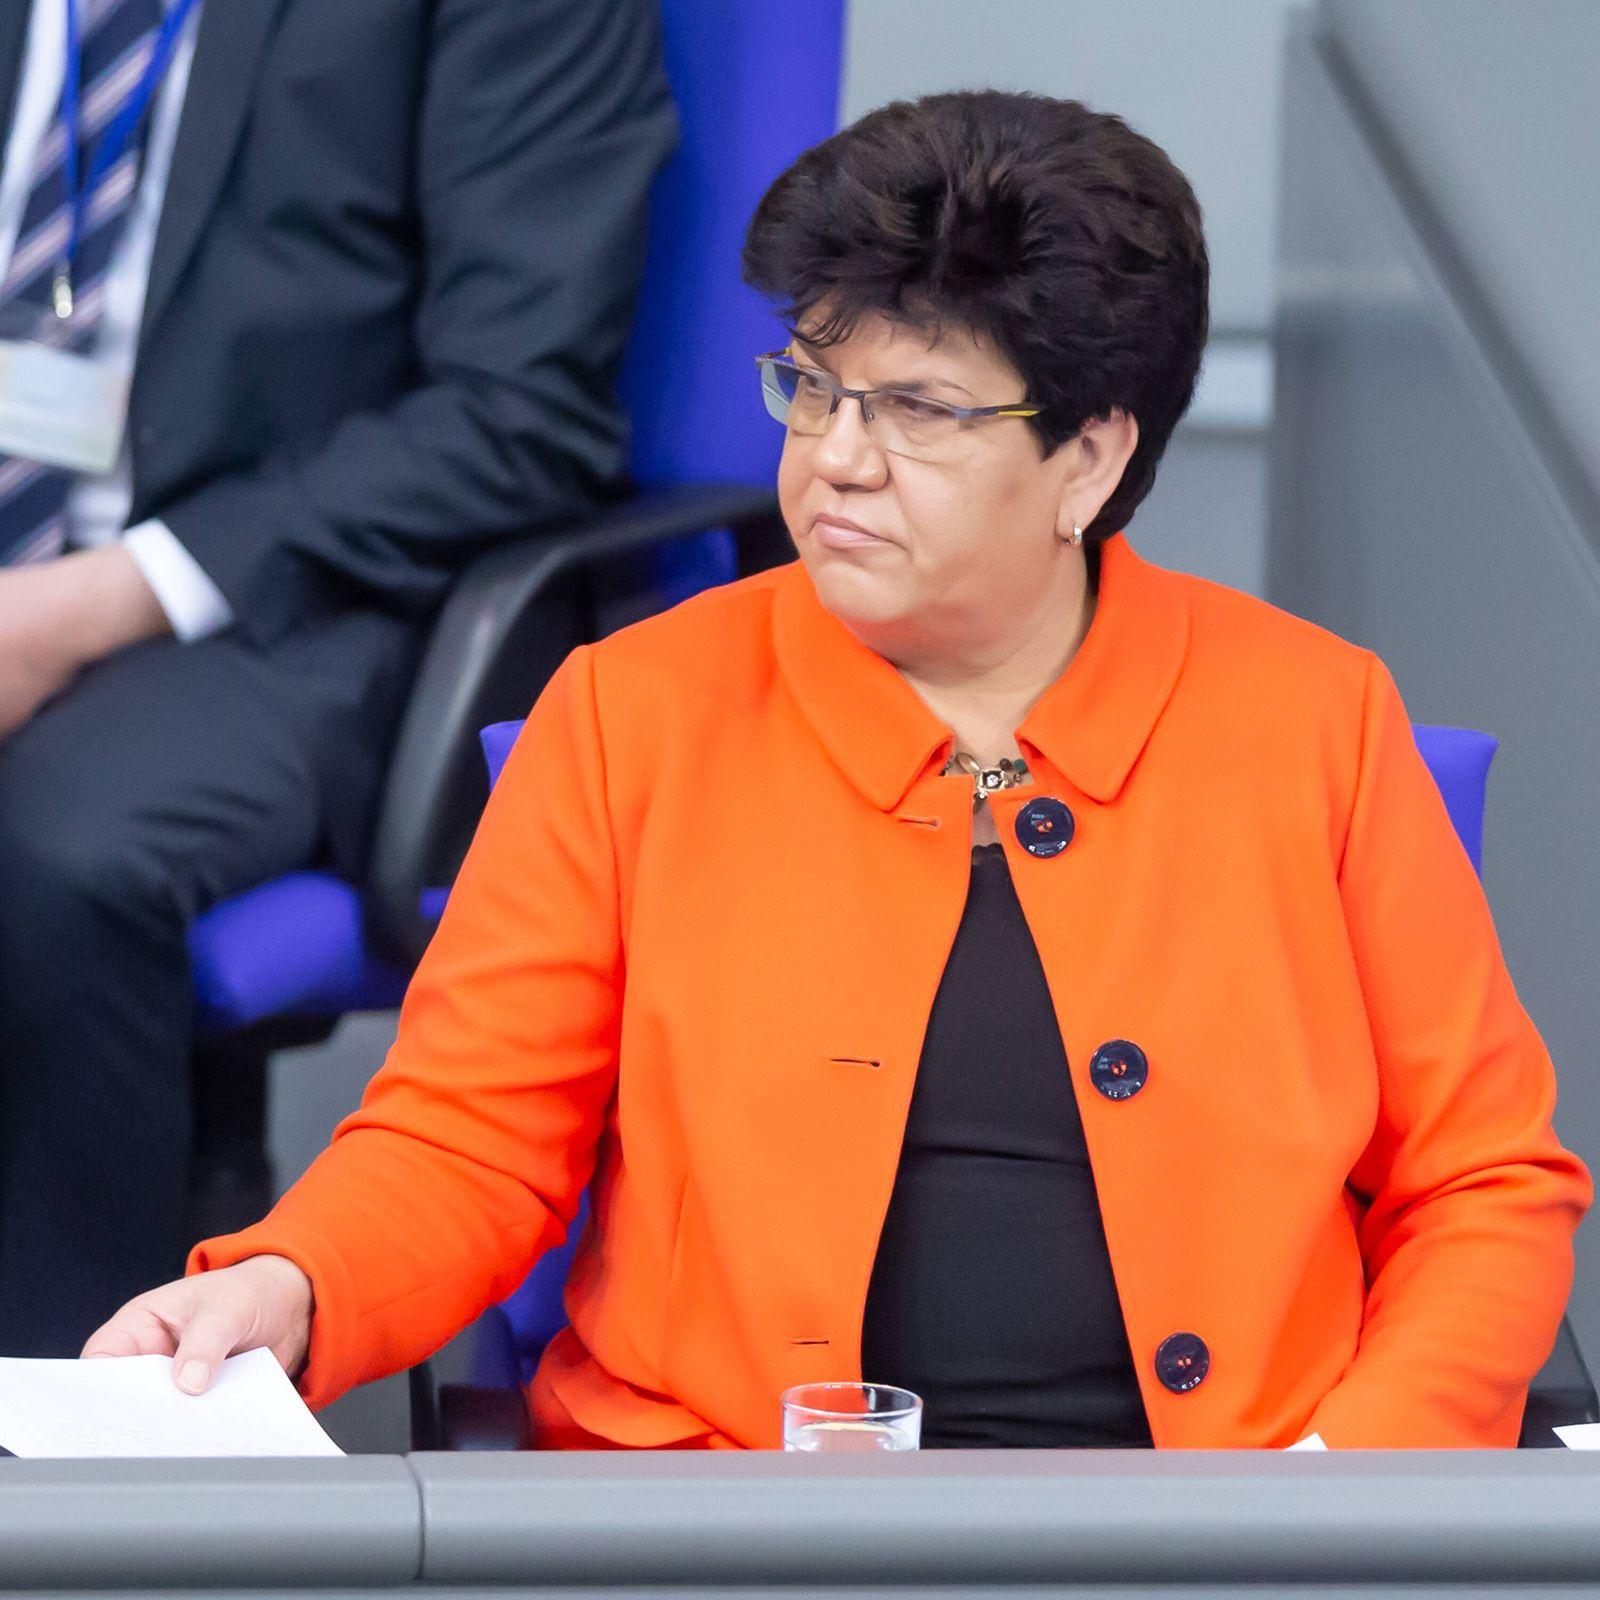 Claudia Moll, SPD, als Schriftführerin des 19. Deutschen Bundestages, 14.02.2020, Berlin (Deutschland), News, Politik, D